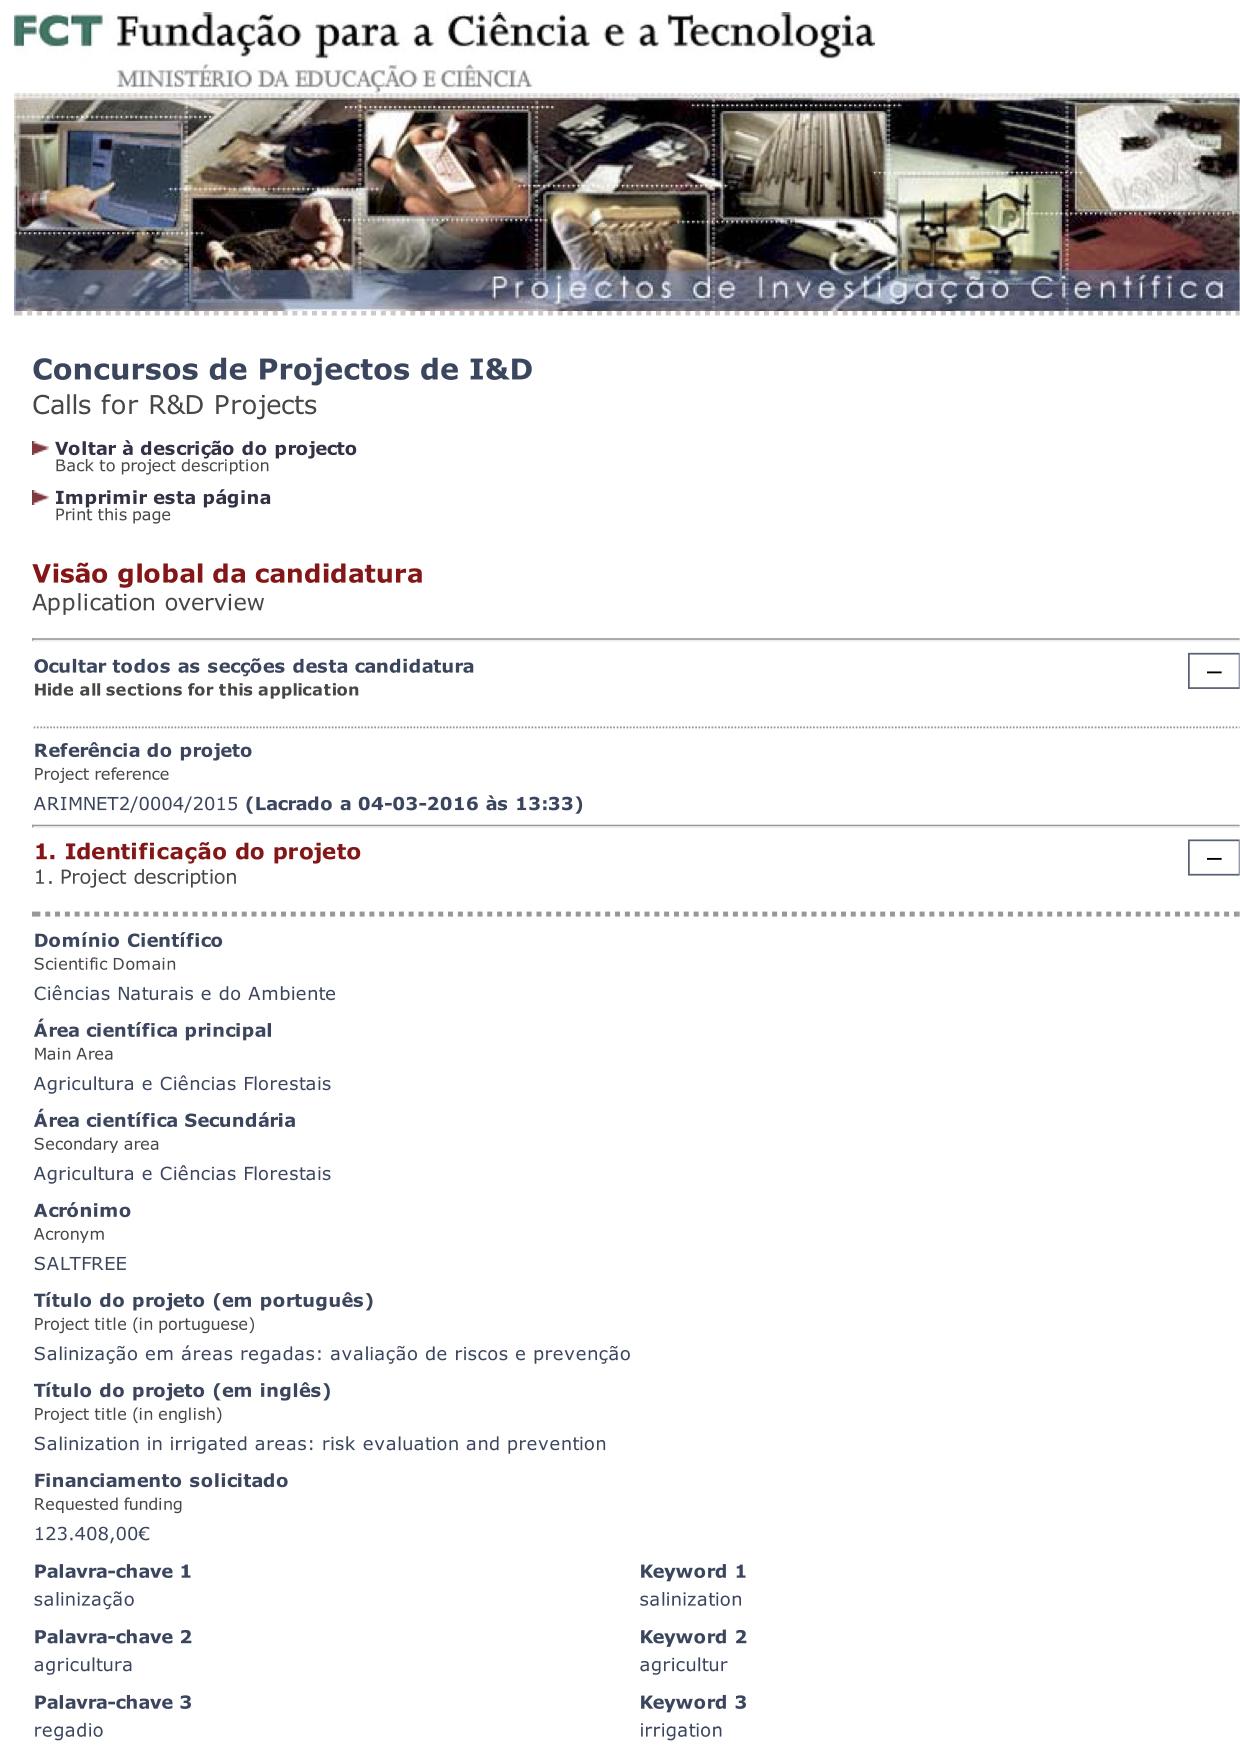 FCT _ PROJECTOS DE INVESTIGAÇÃO CIENTÍFICA E DESENVOLVIMENTO TECNOLOGICO.jpg